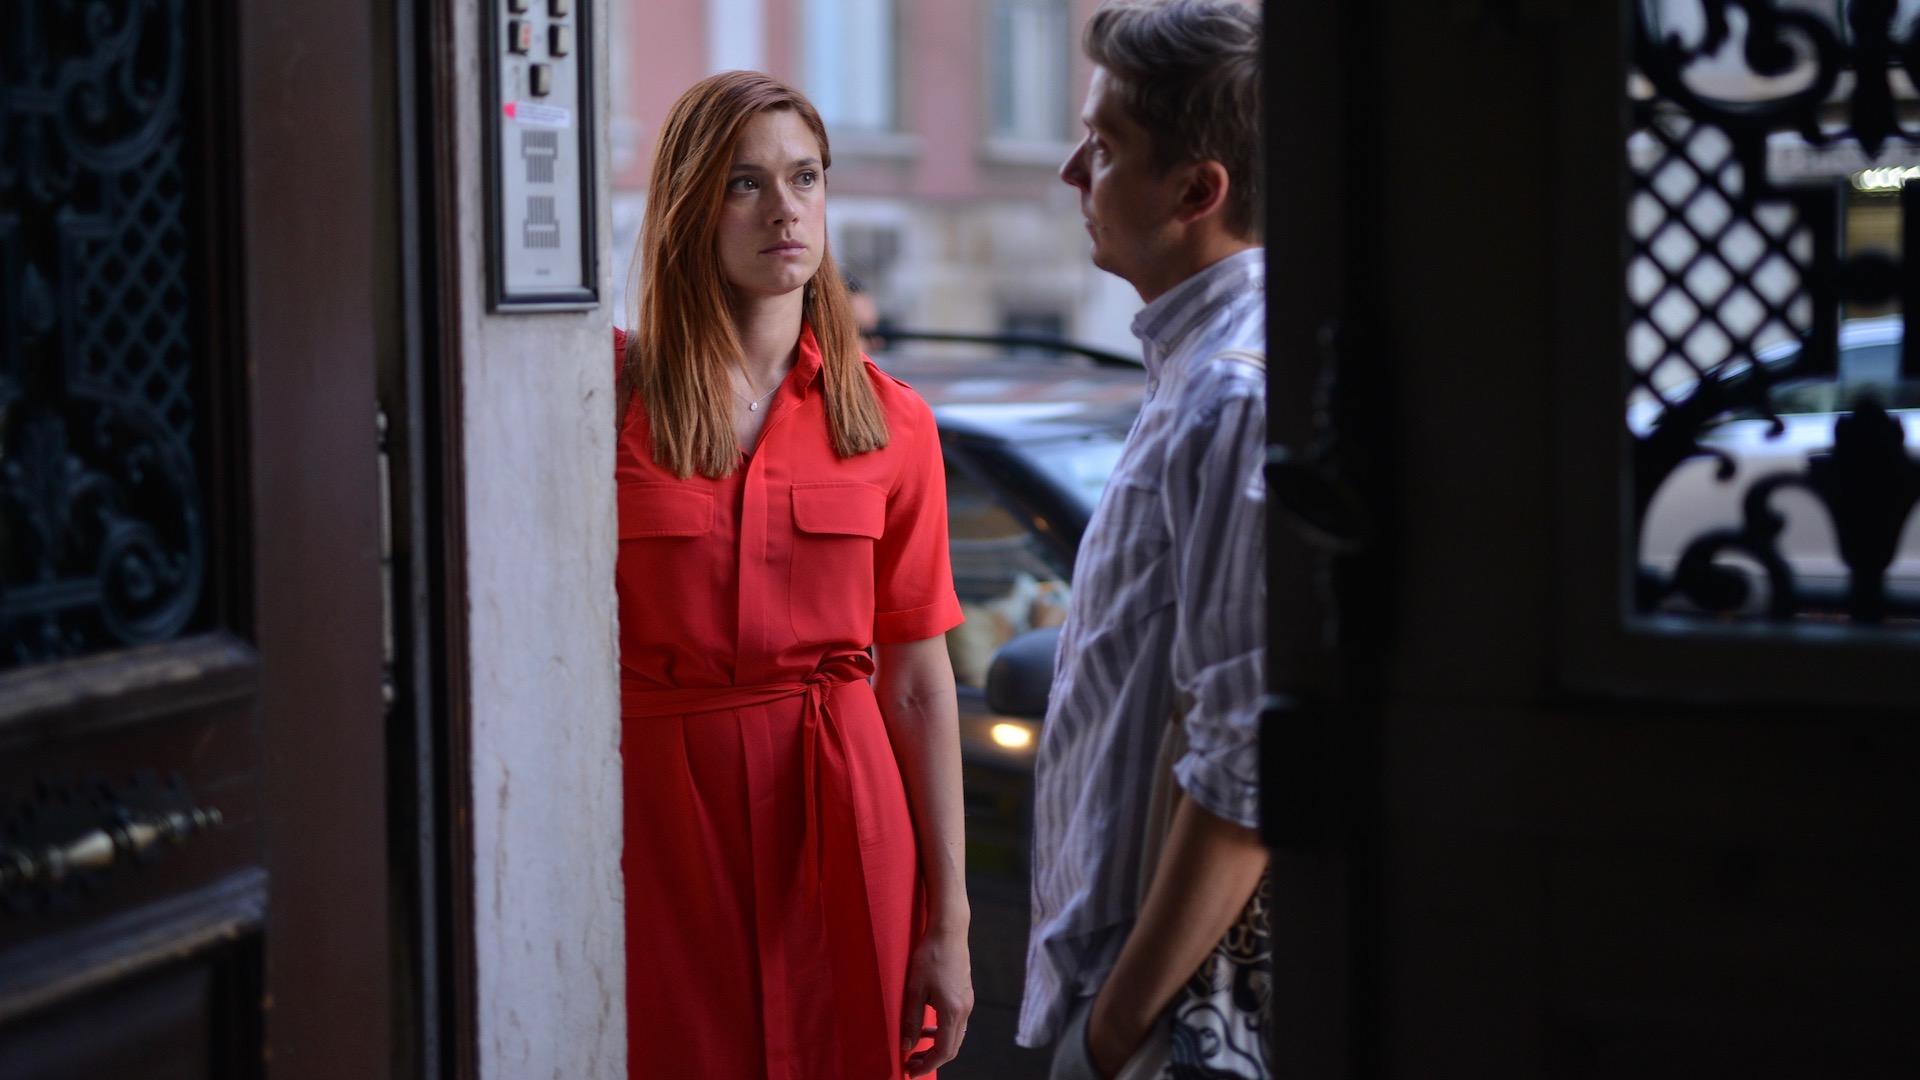 Kohtaus elokuvasta, nainen ja mies ovella